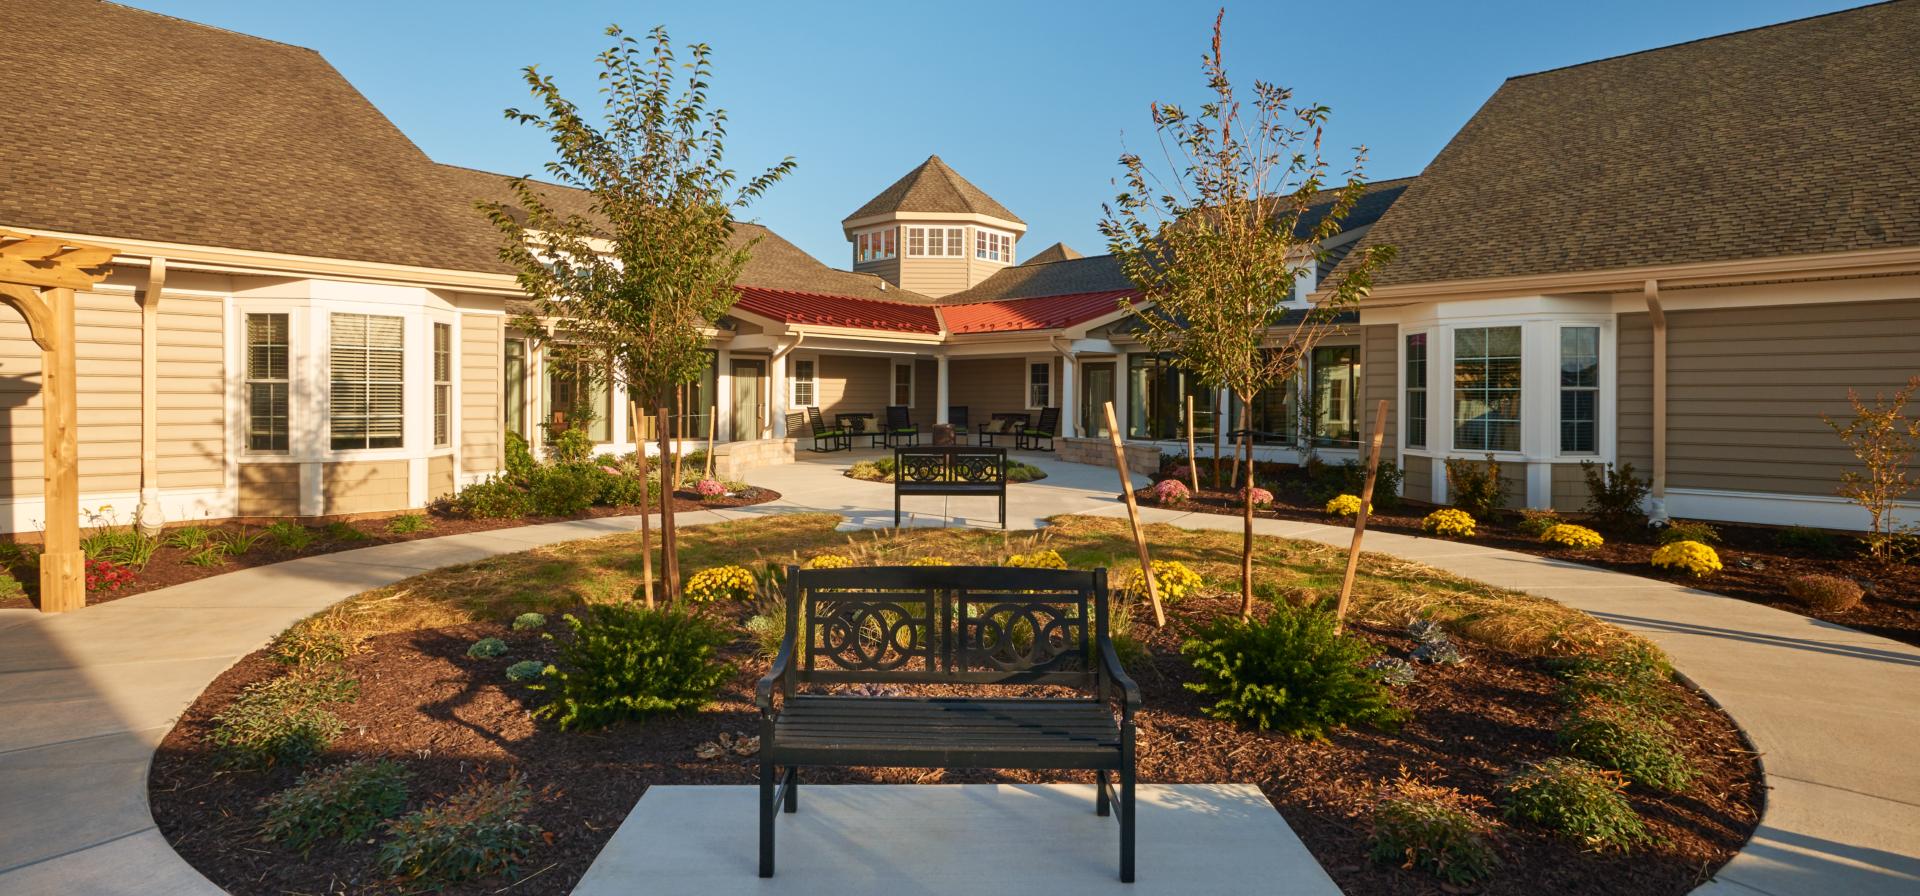 Masonic Village at Lafayette Hill